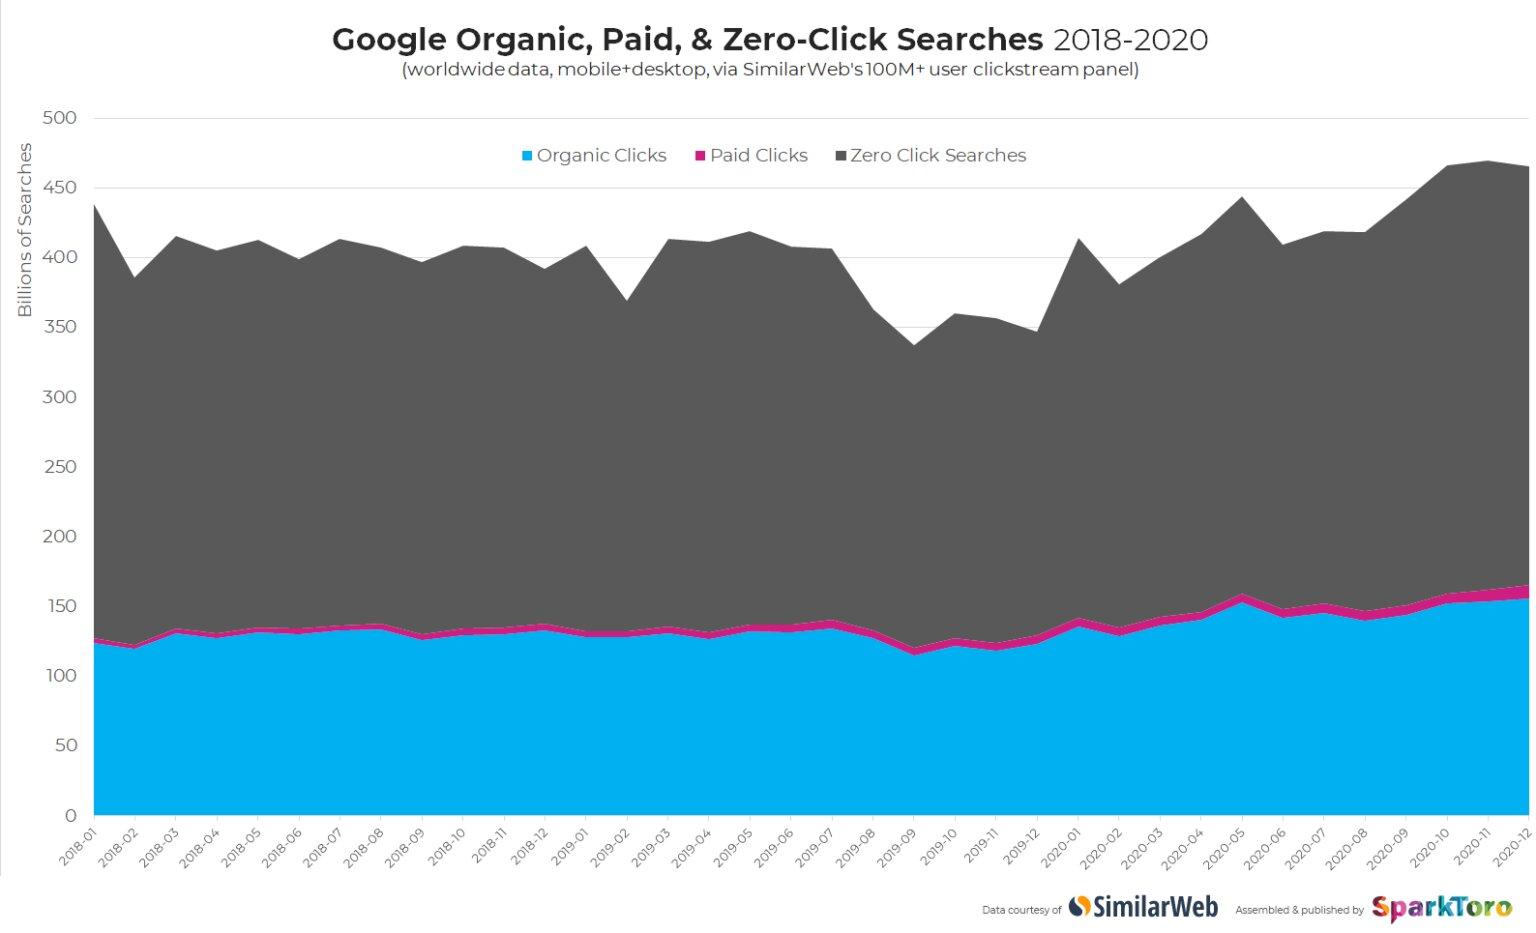 Las búsquedas en Google